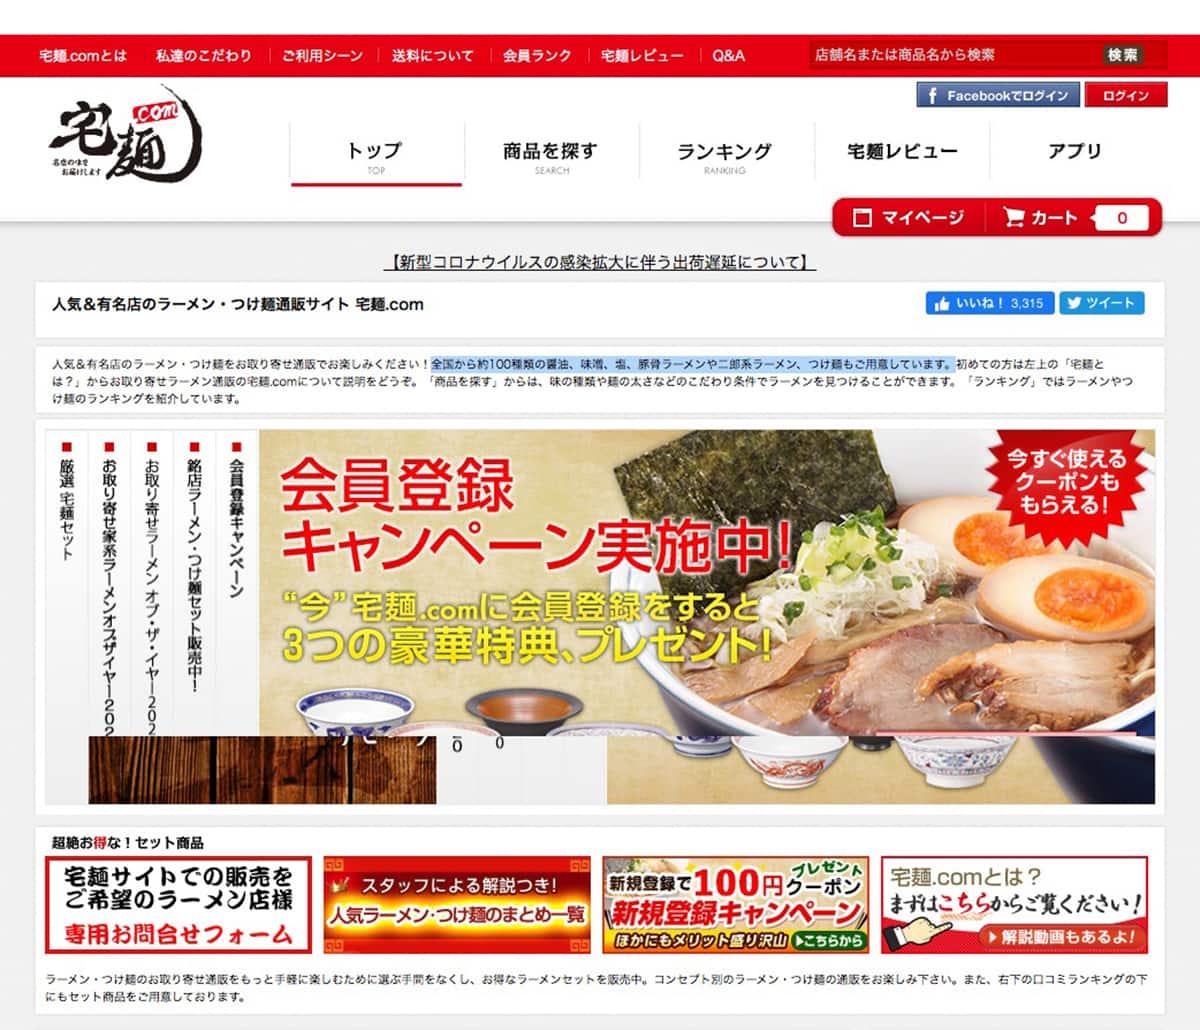 宅麺.comとは?